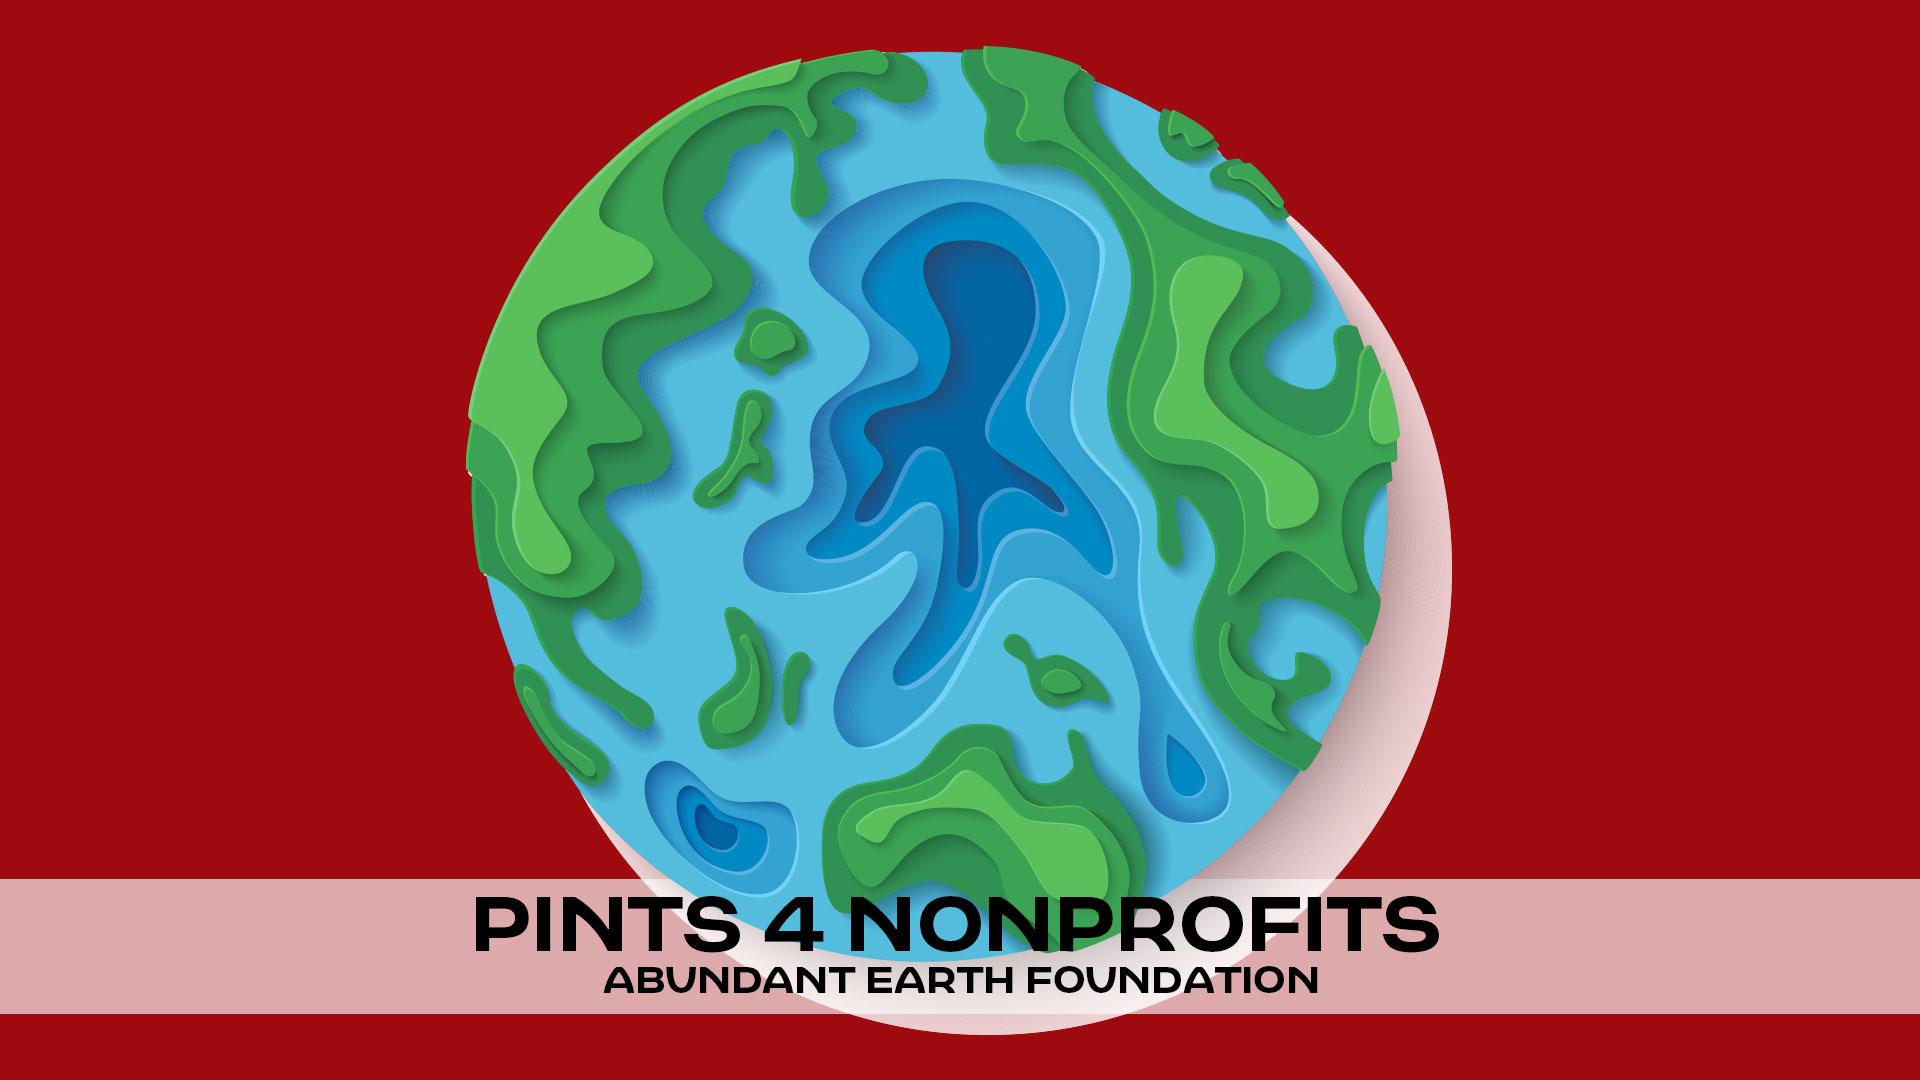 p4np-abundant-earth